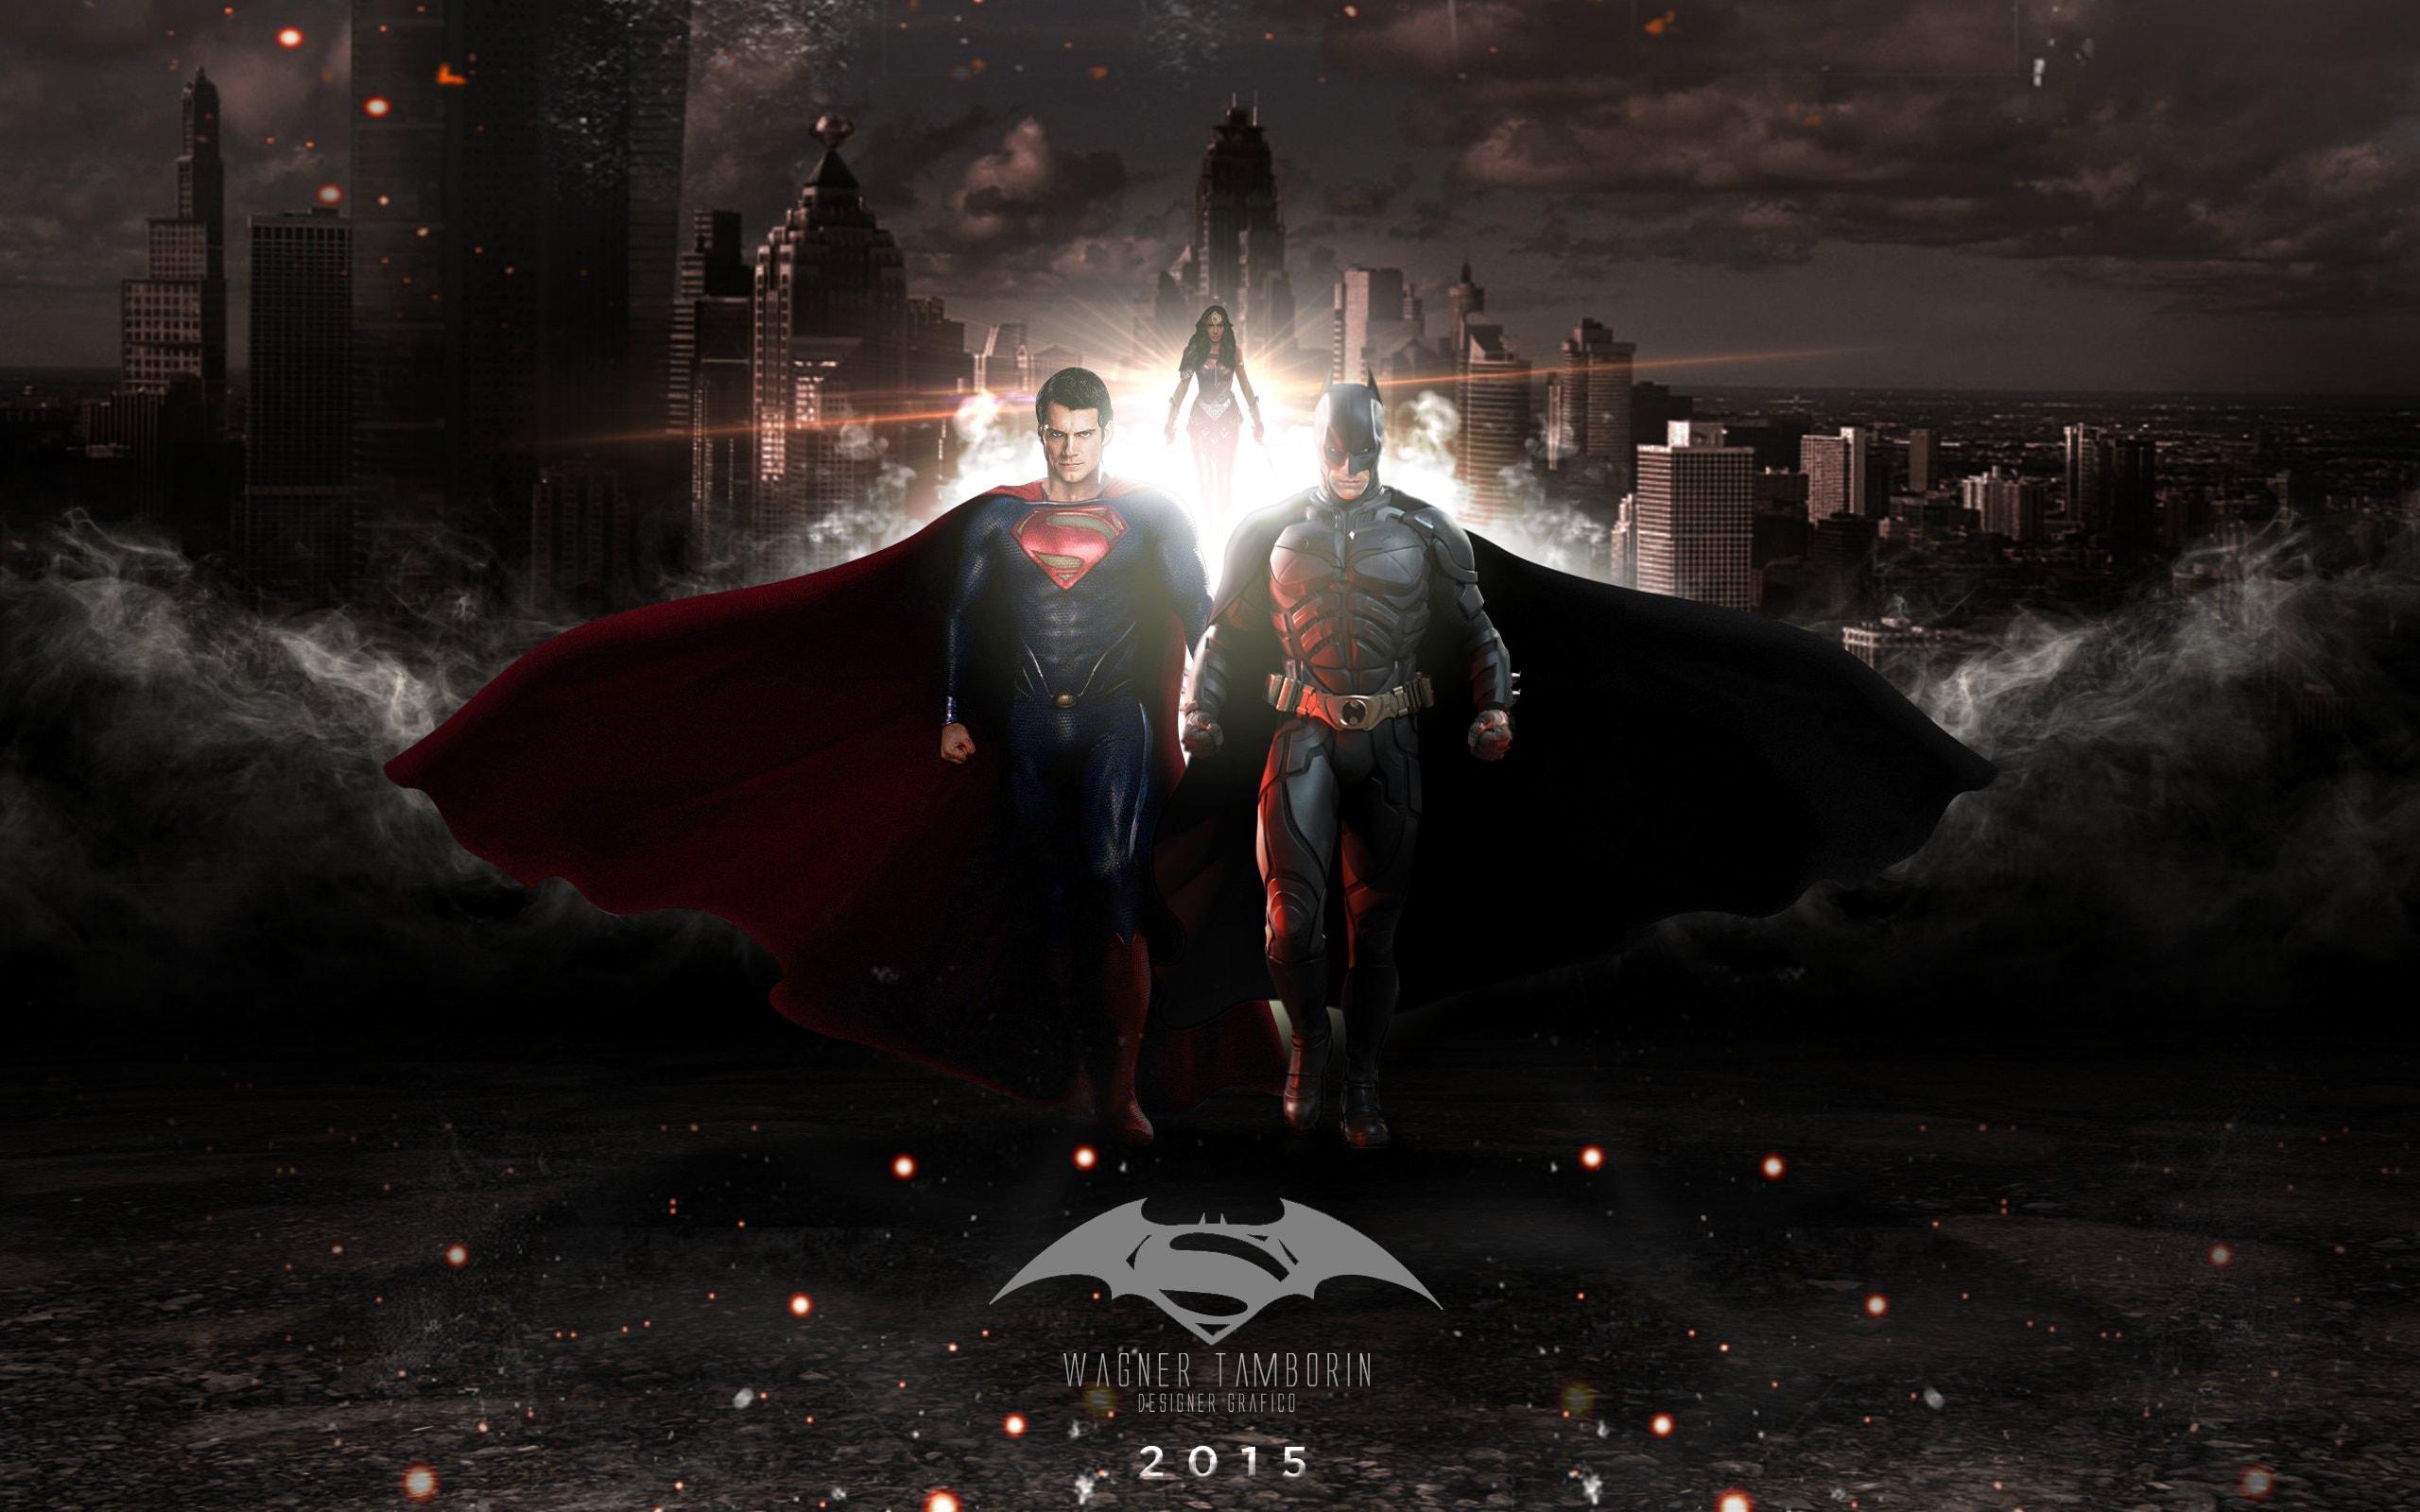 Batman Vs Superman: Dawn Of Justice widescreen wallpapers